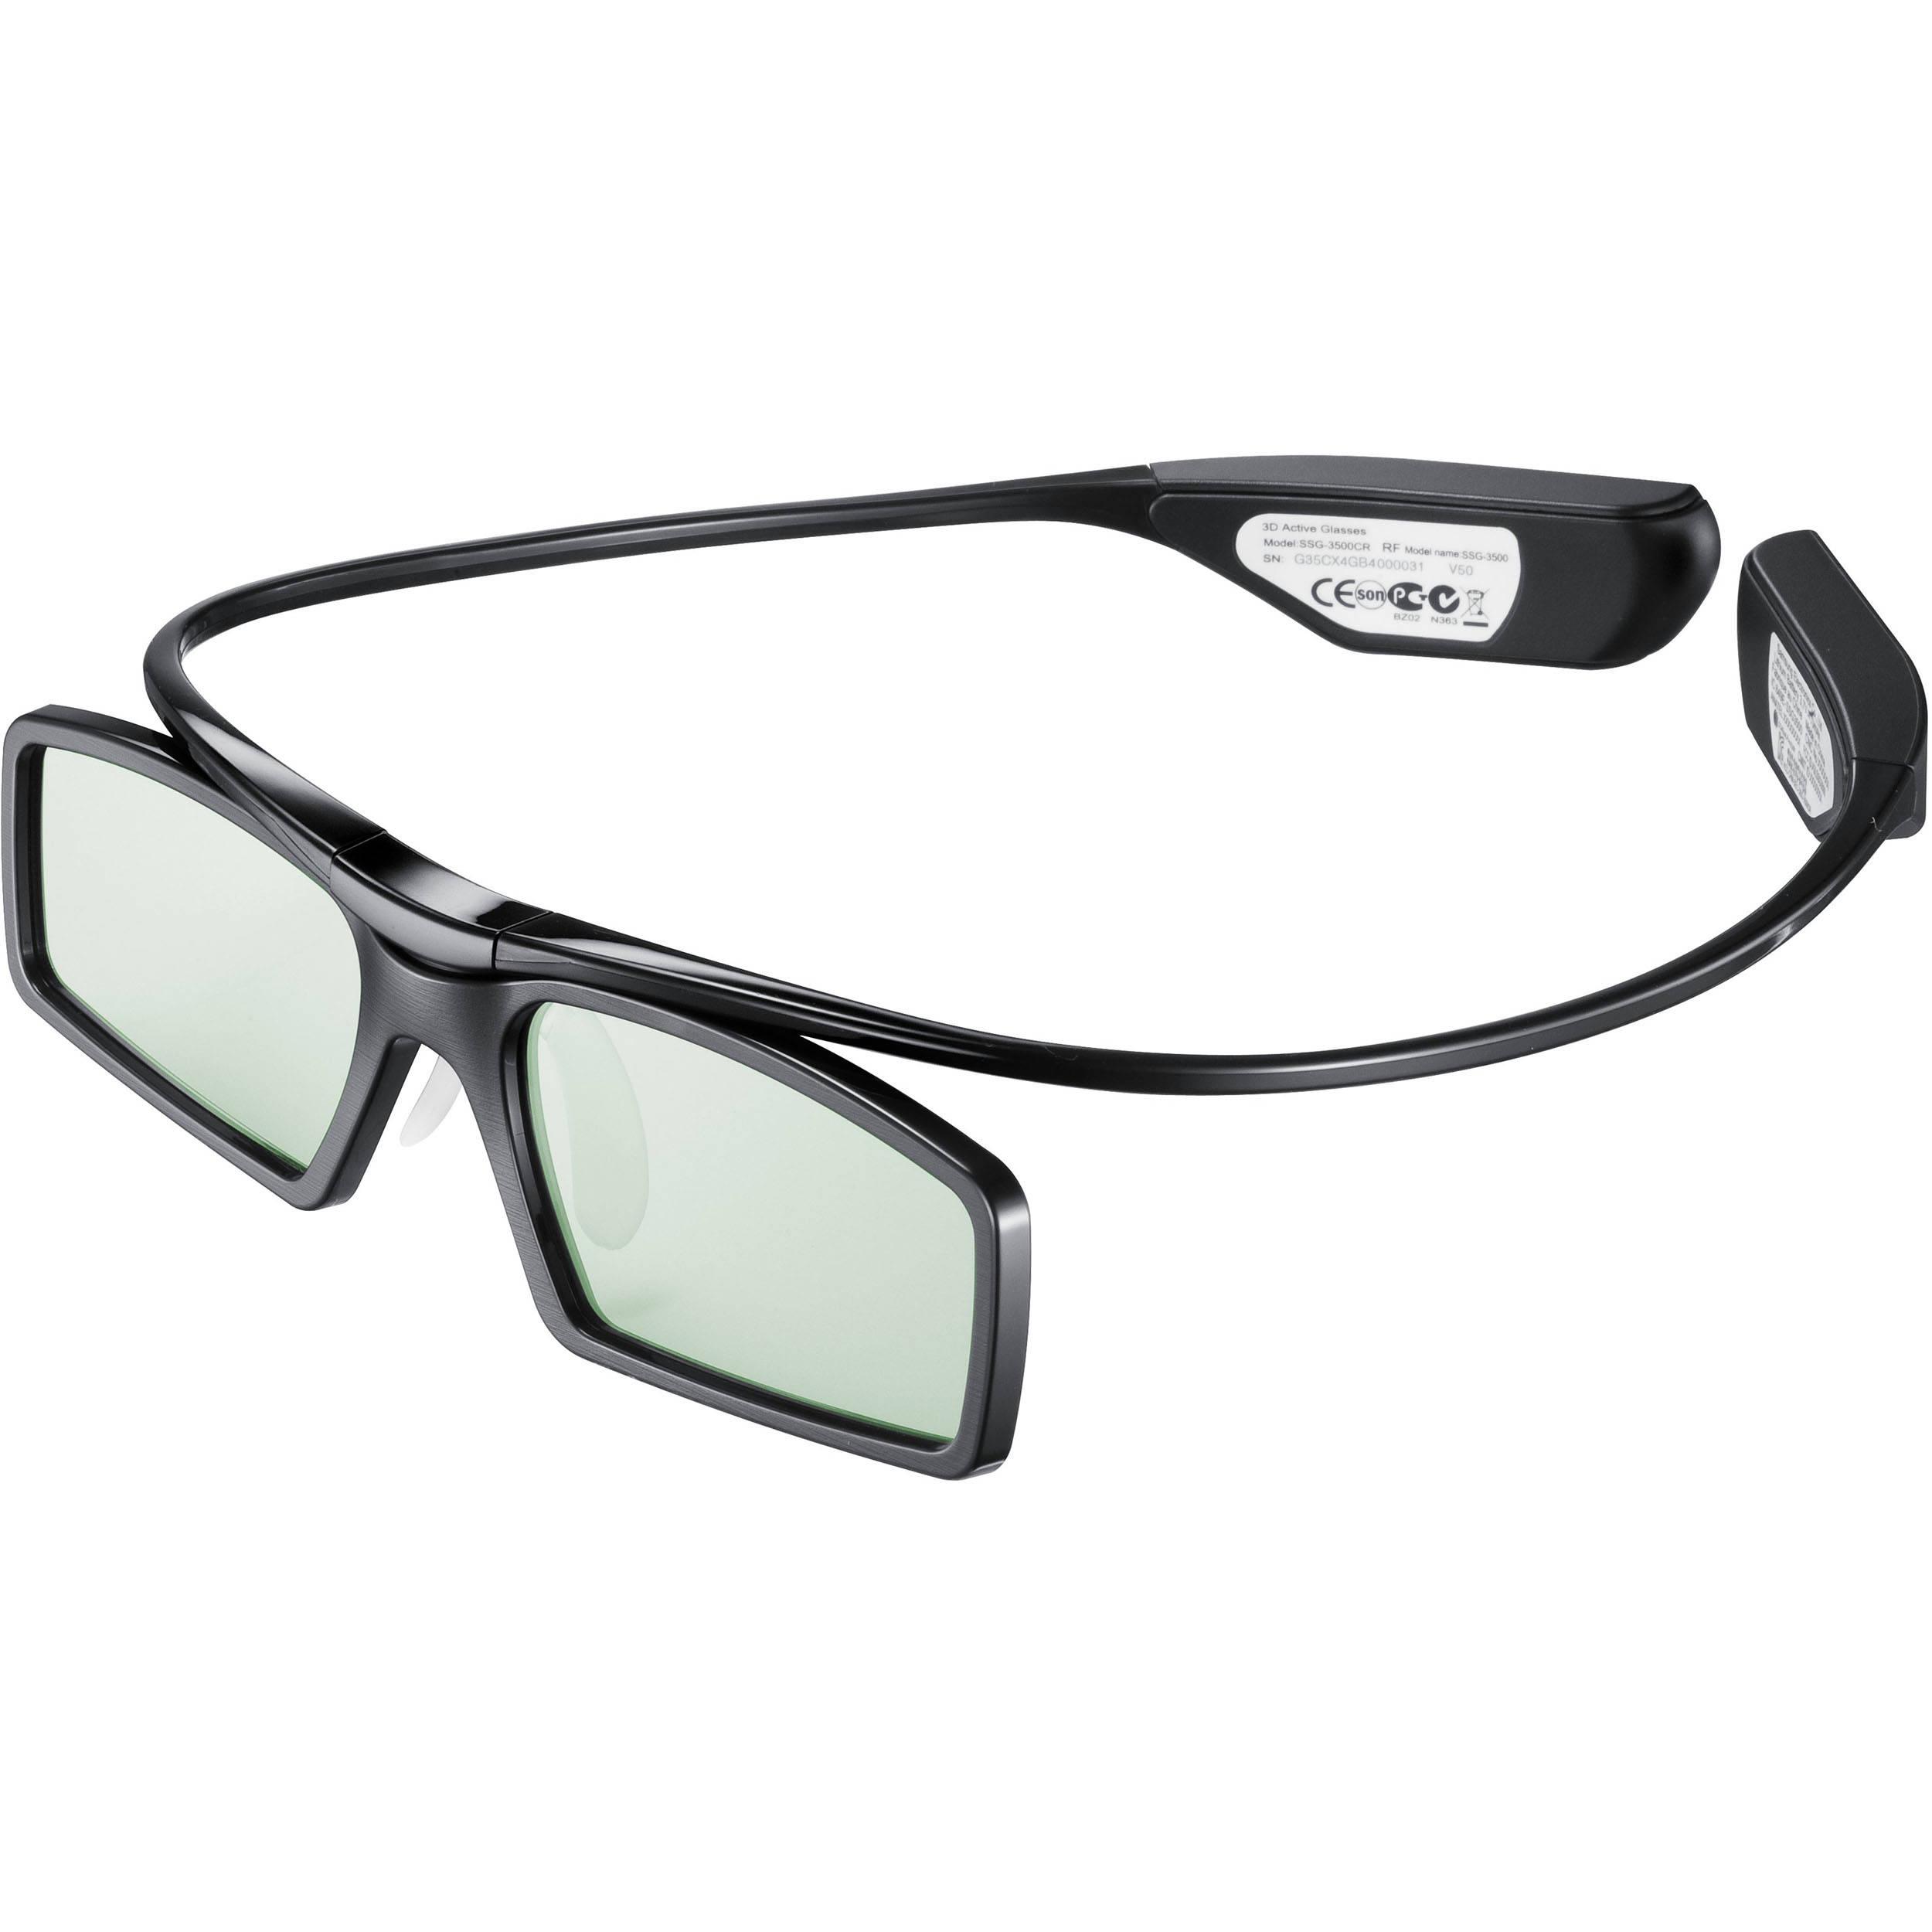 samsung ssg 3500cr 3d rechargeable active glasses ssg